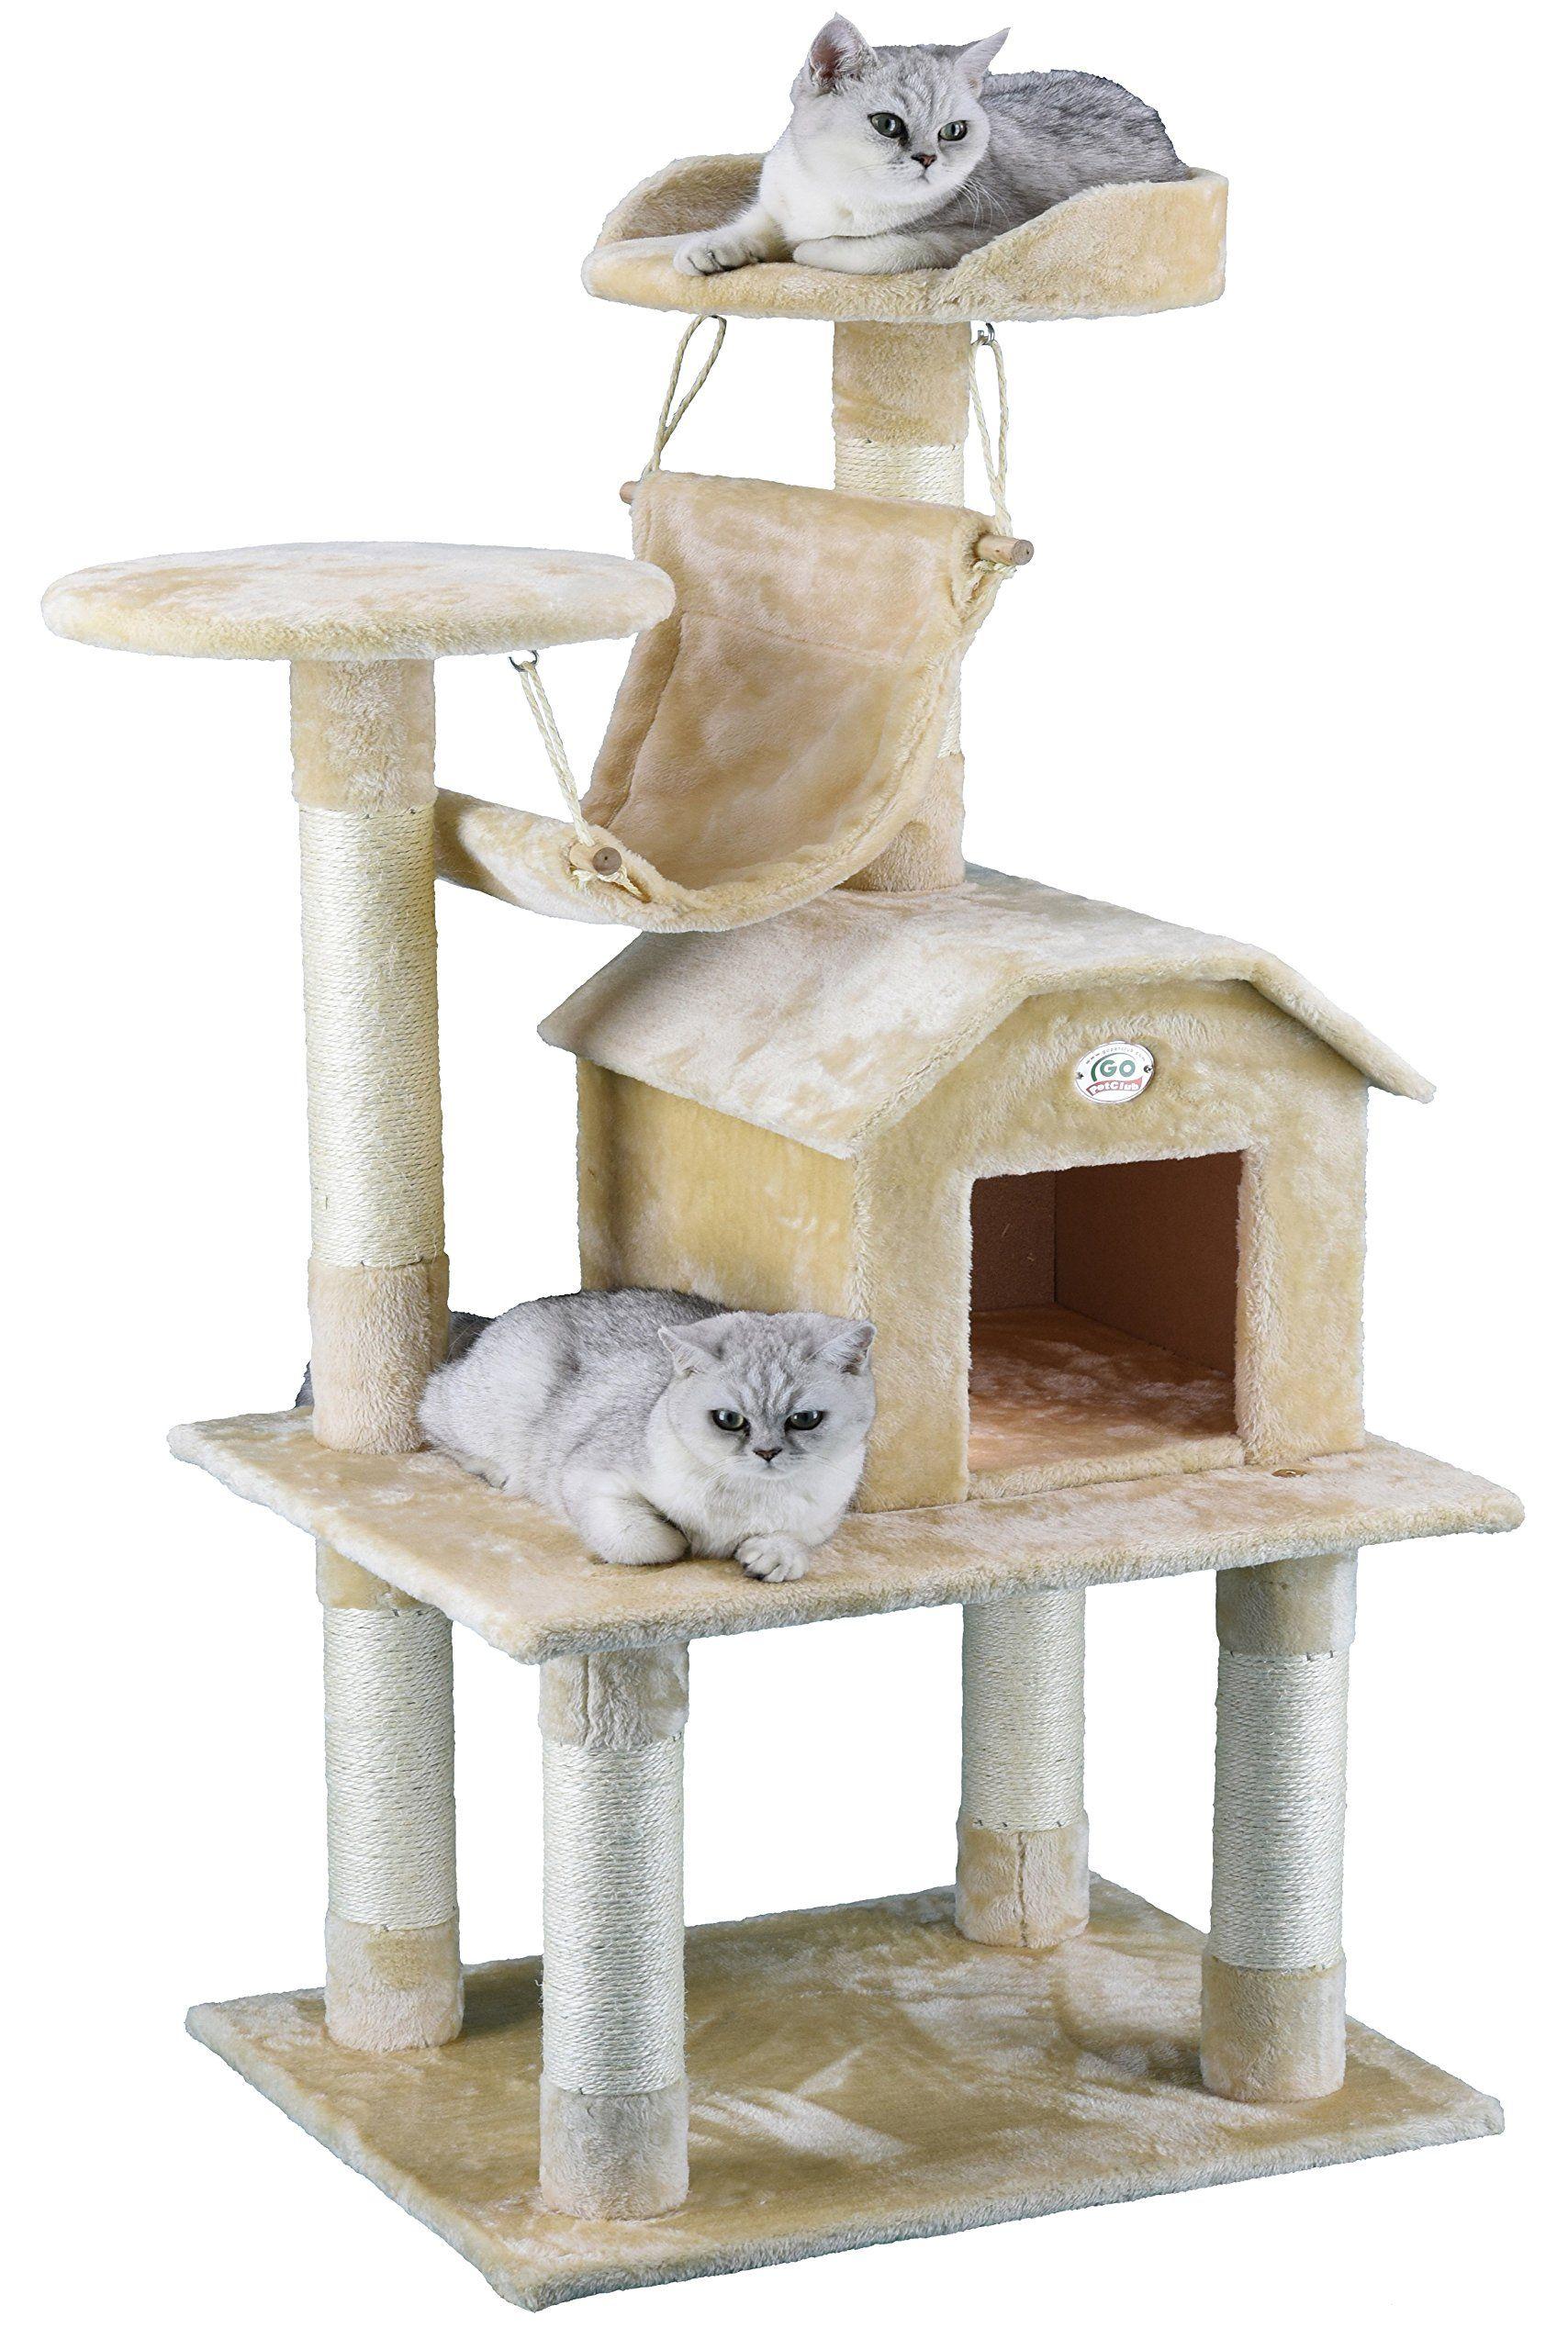 Go Pet Club Tall Furniture Cat Tree Cat Tree Condo Tree Furniture